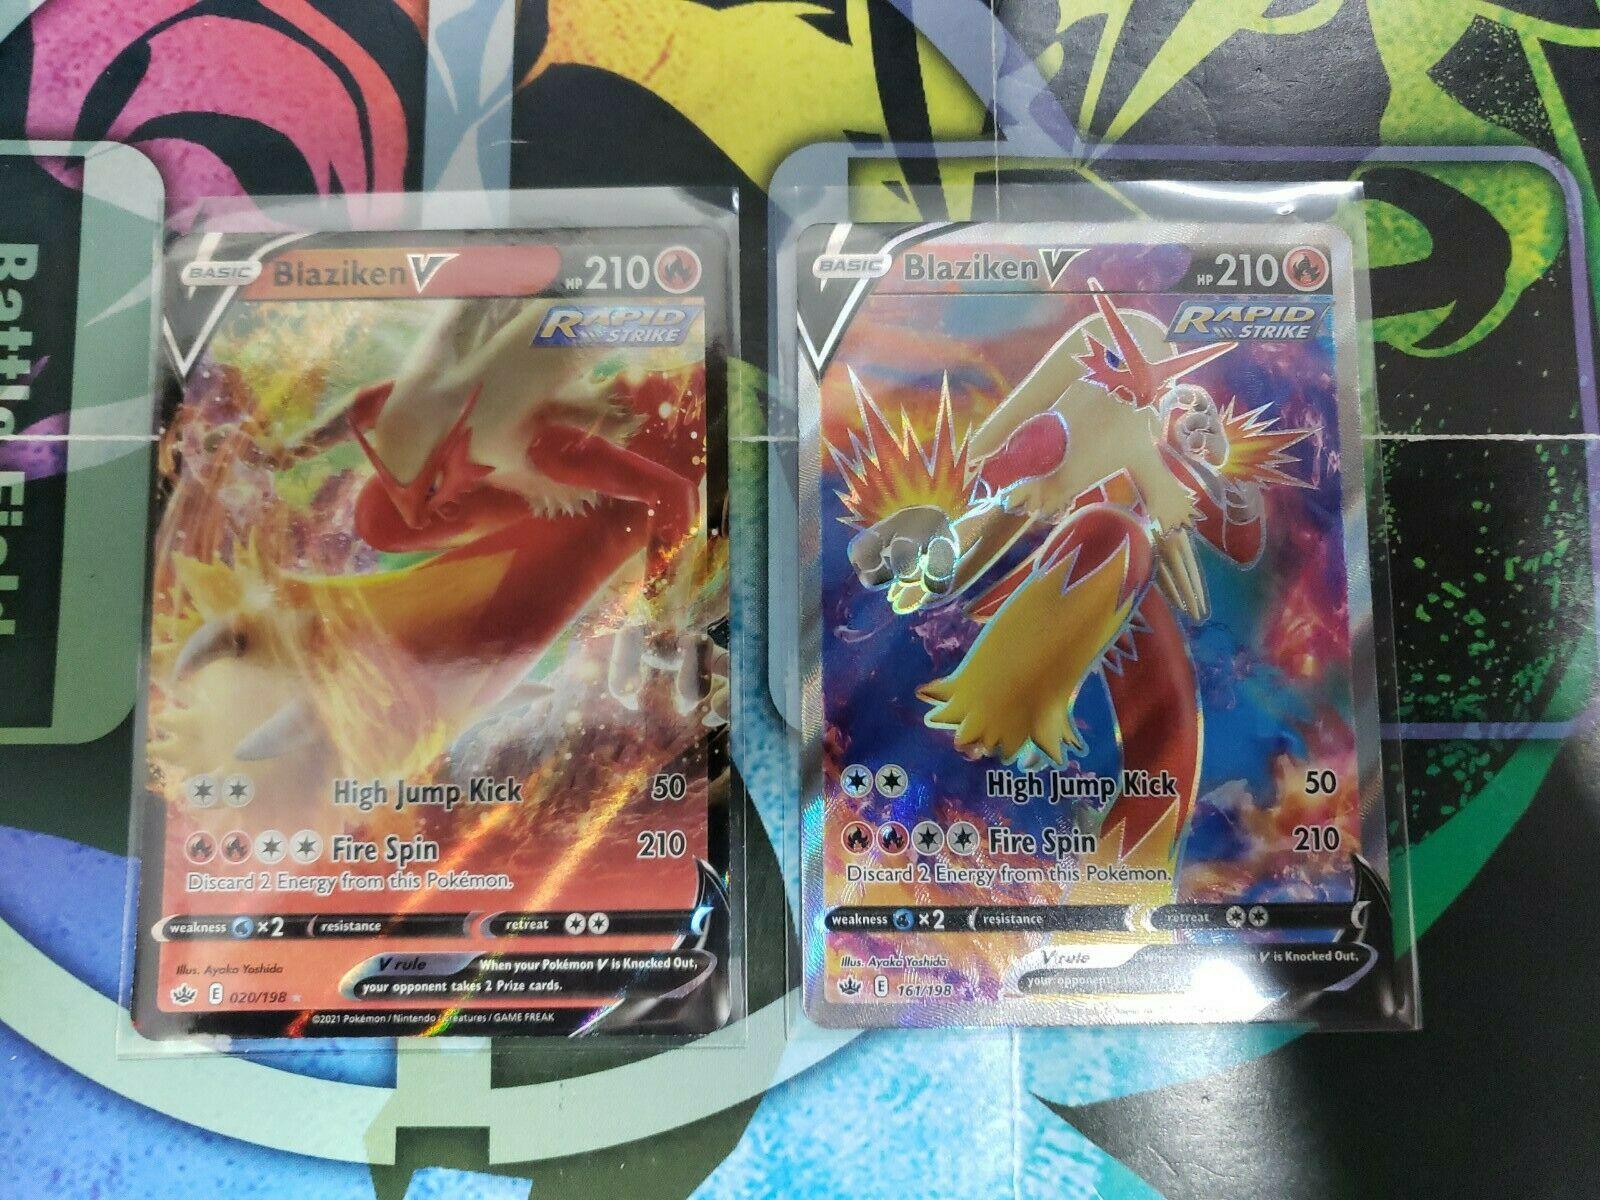 Pokemon Blaziken V 161/198 Full Art Ultra Rare & 020 Chilling Reign NEW IN-HAND